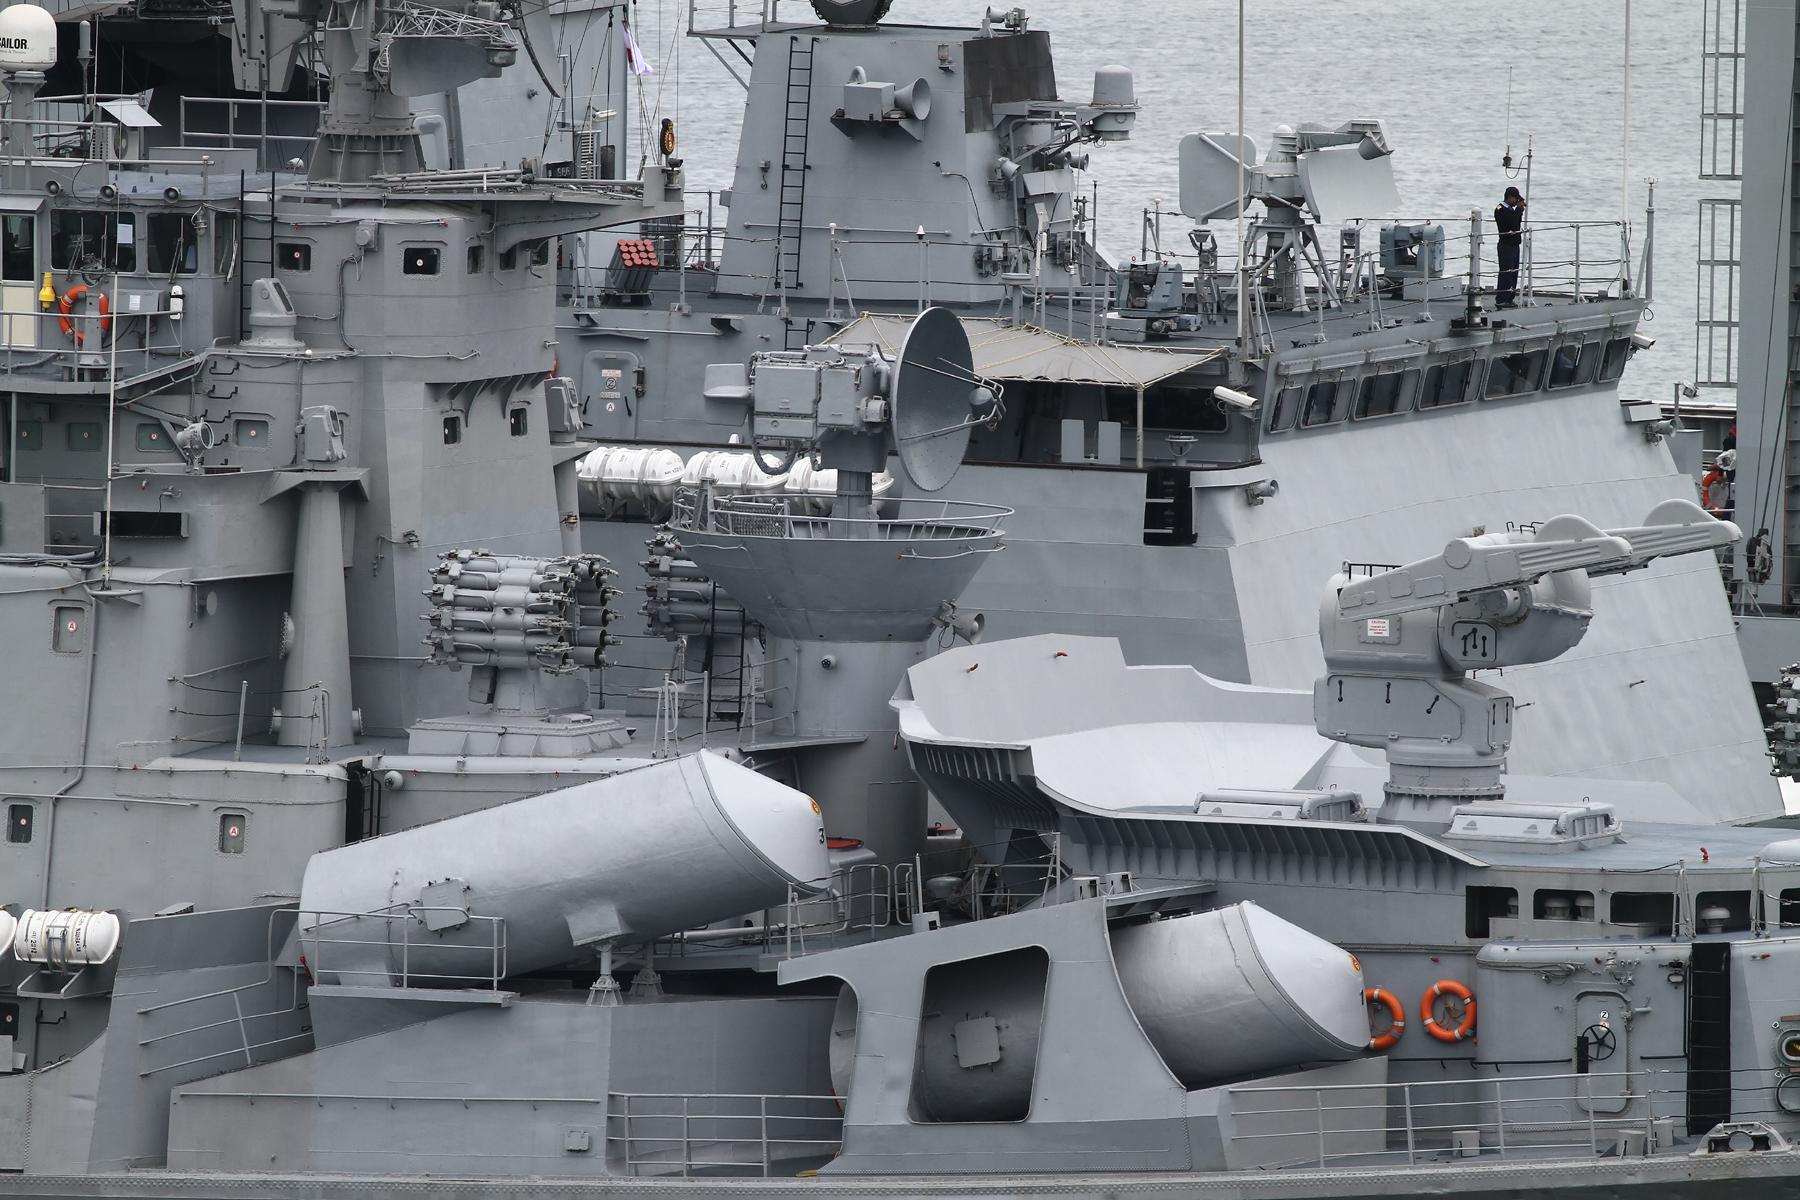 2012年6月5日 インド海軍駆逐艦ラーナとフリゲイト シヴァリク